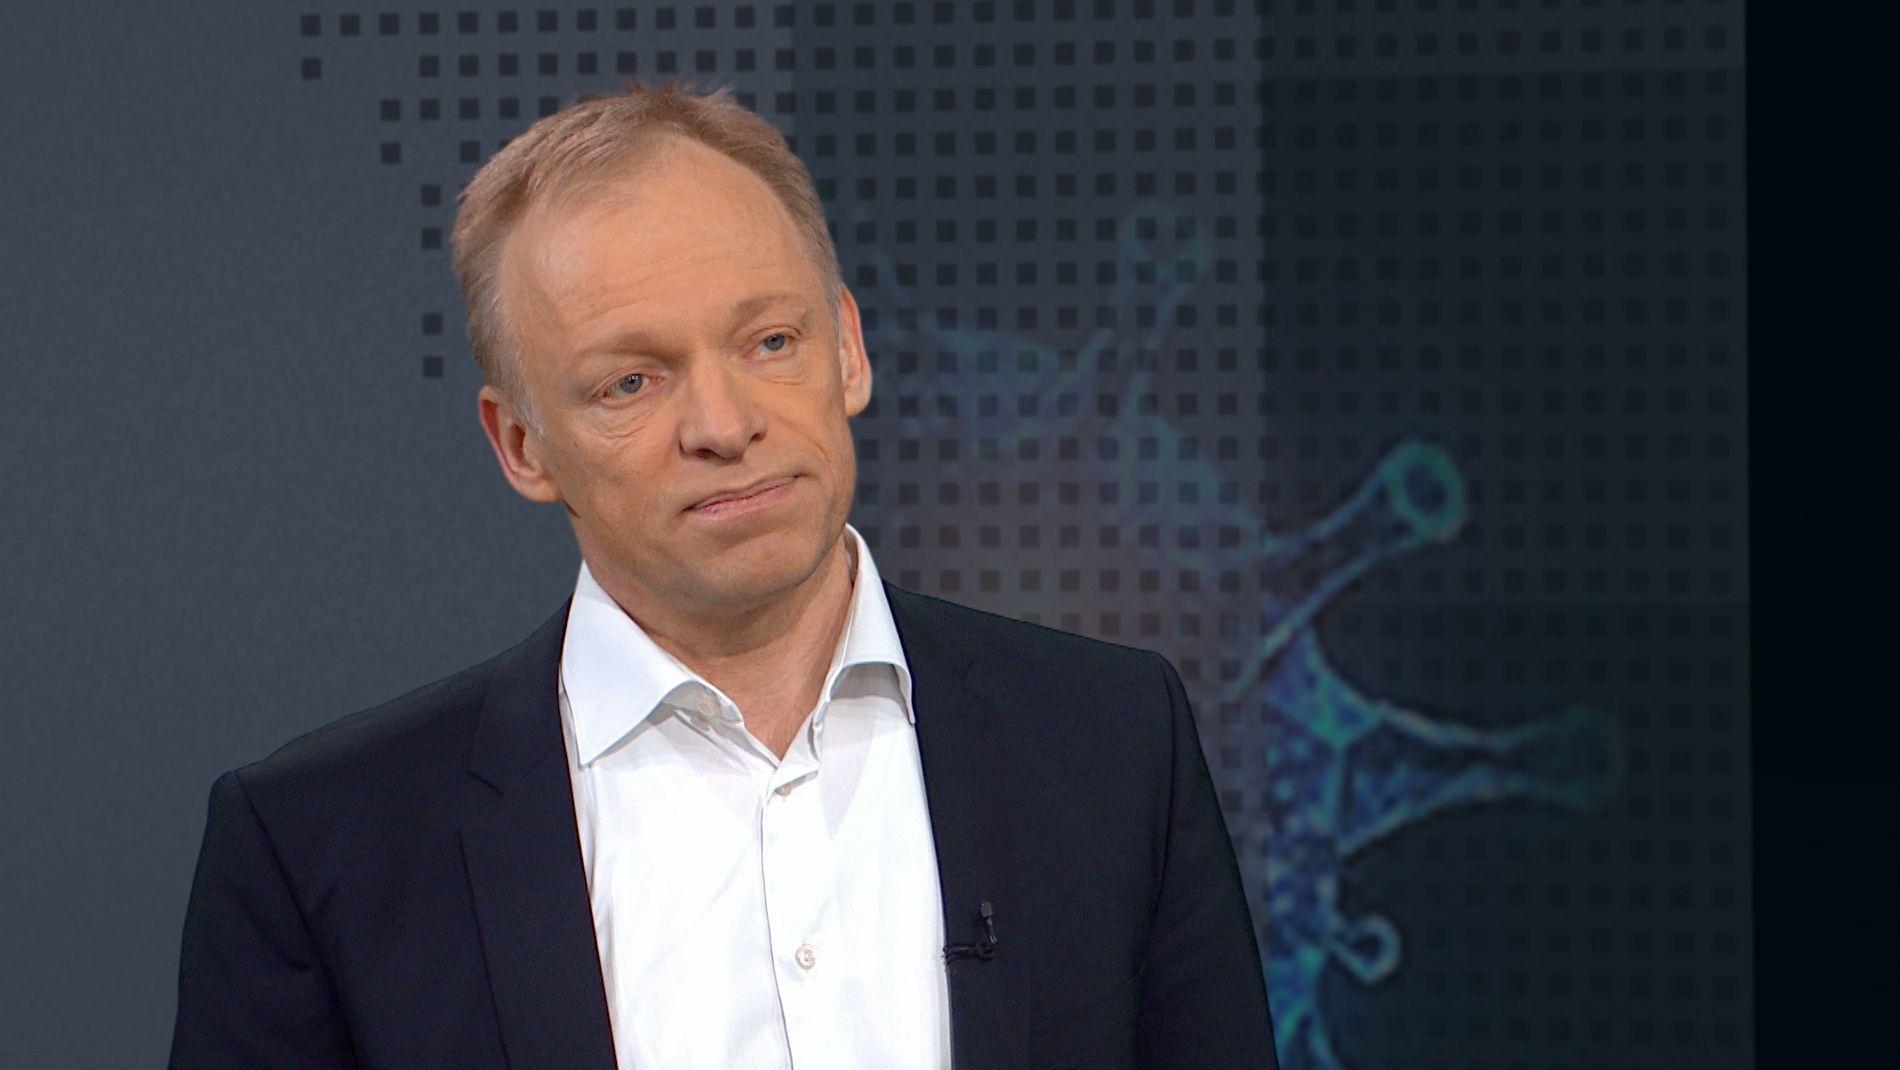 Prof. Clemens Fuest, Wirtschaftsforscher ifo-Institut